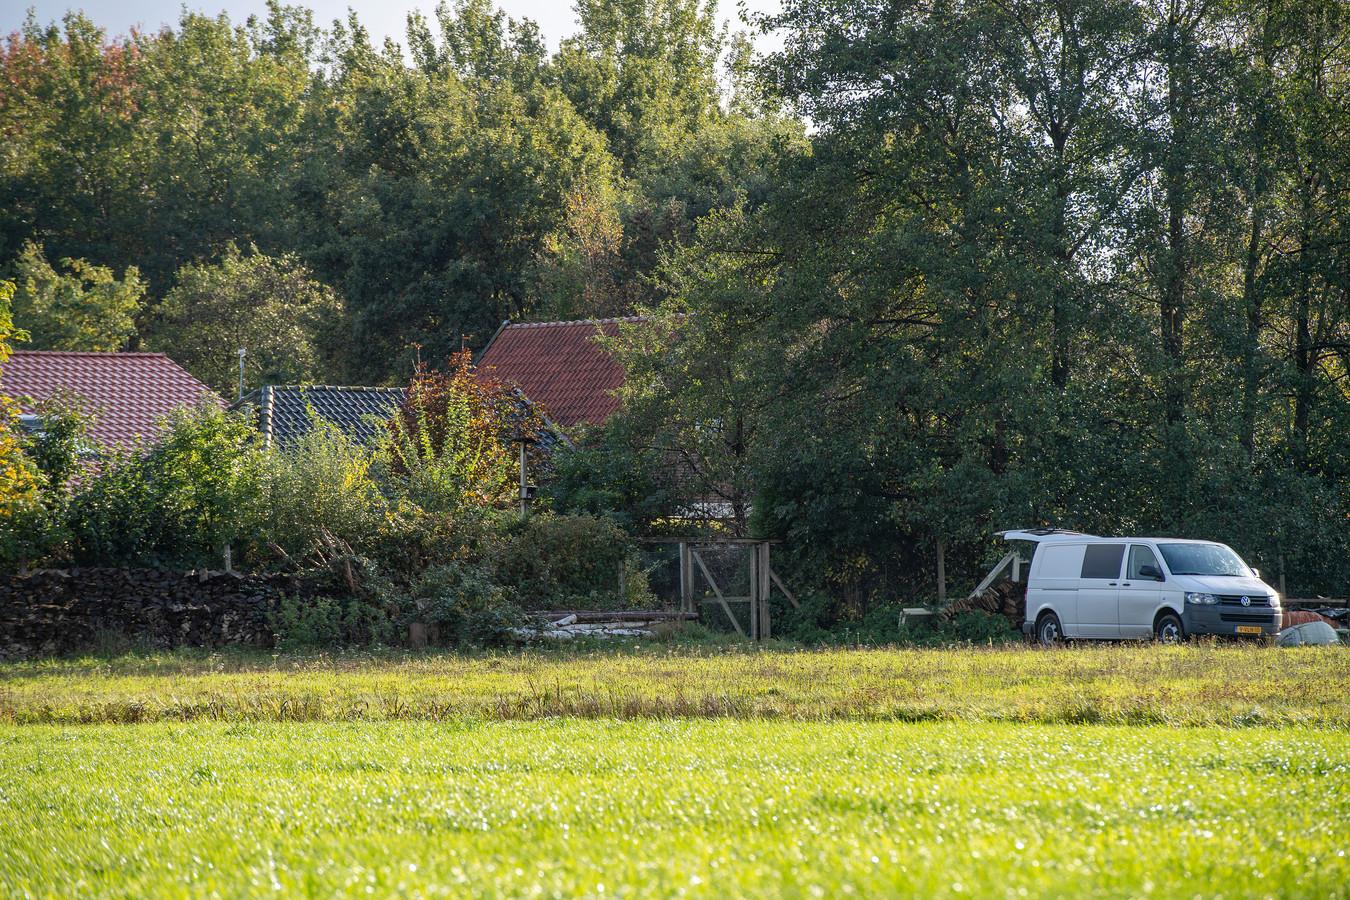 De politie doet onderzoek bij de boerderij